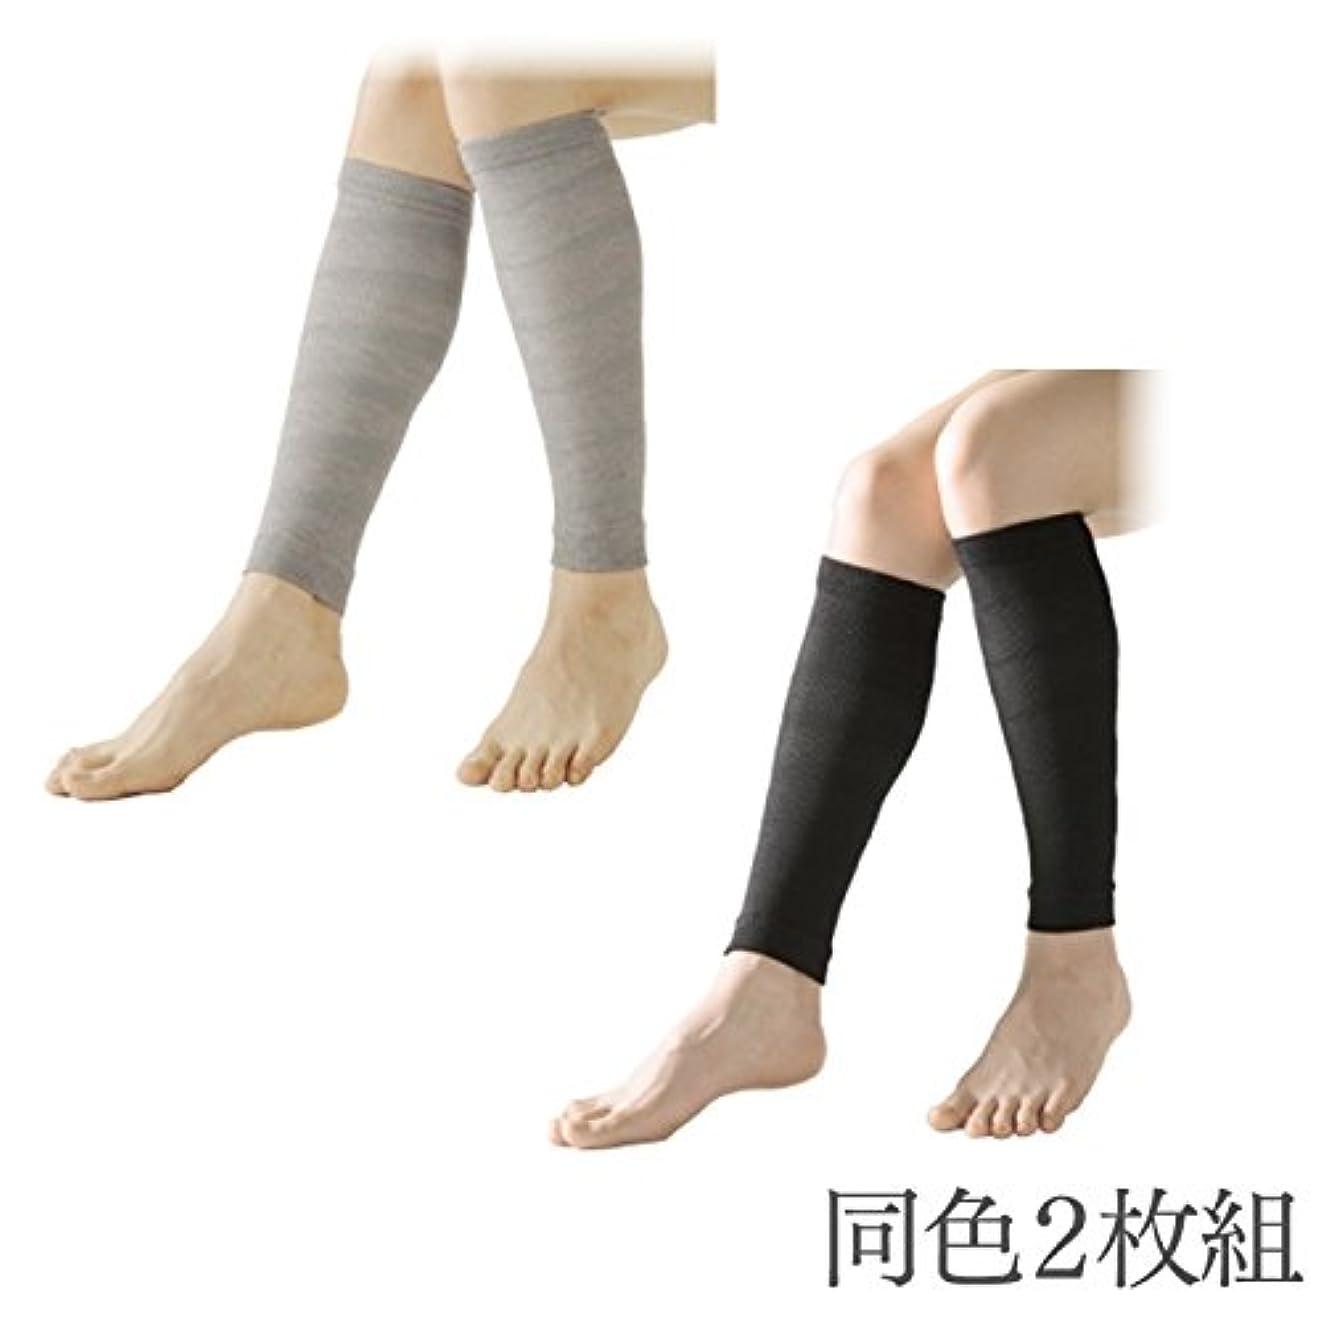 天気最適健全着圧ソックス 足のむくみ 靴下 むくみ解消 着圧ふくらはぎサポーター 2枚組